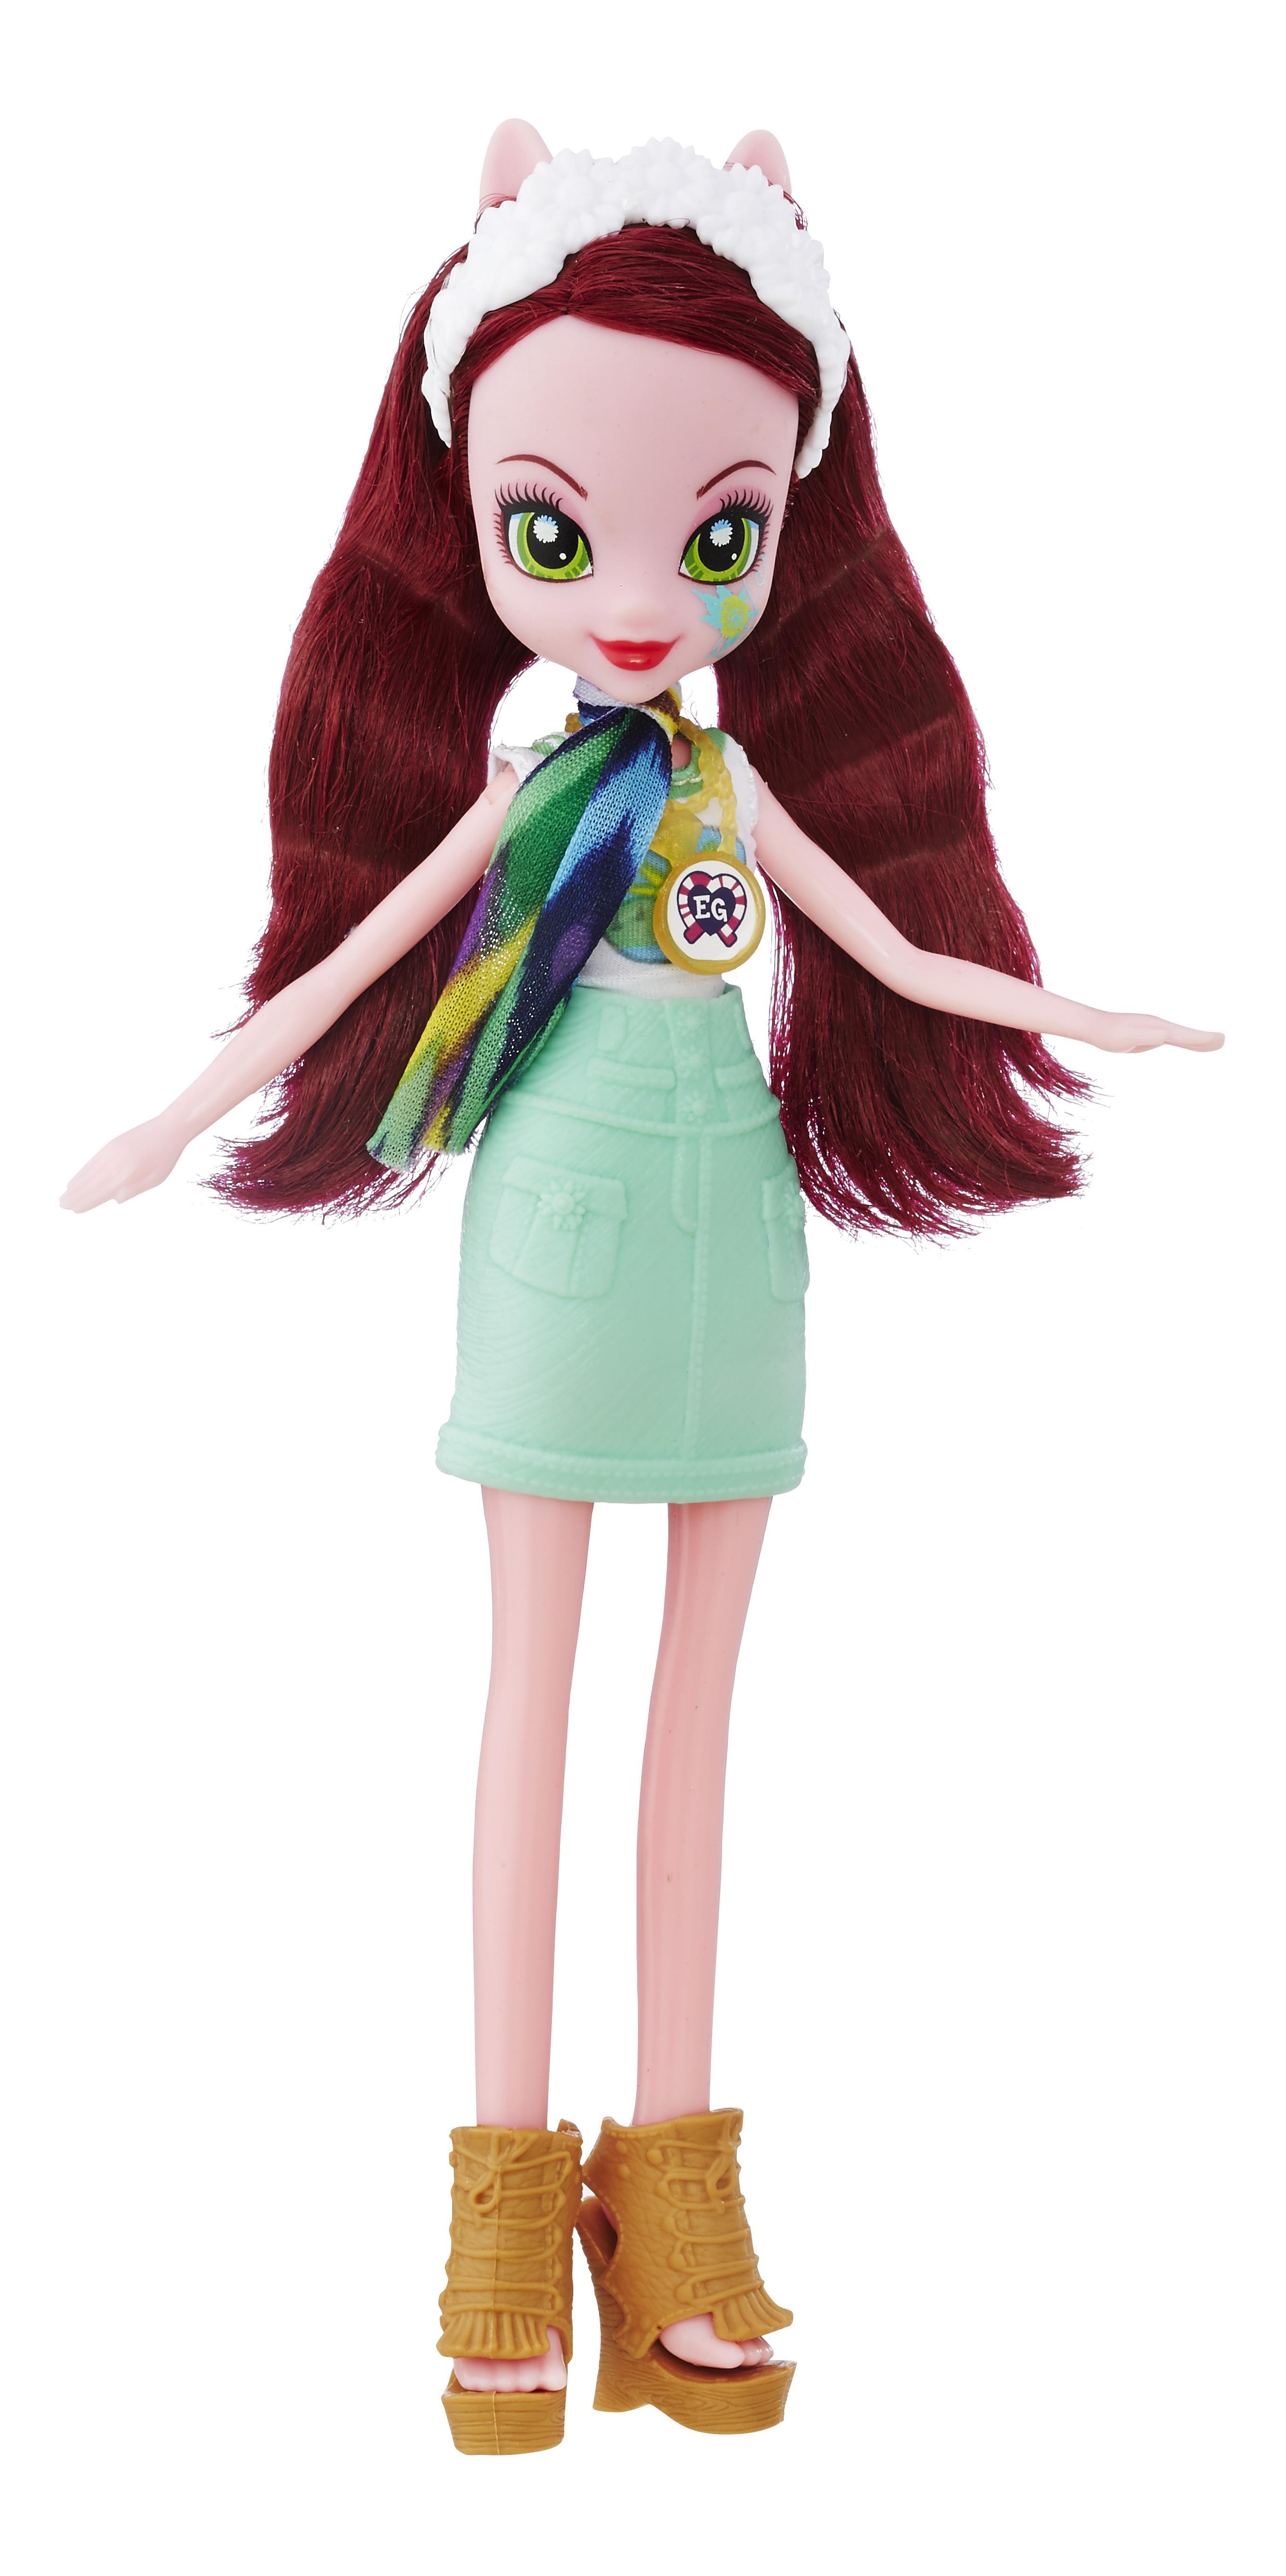 Кукла My Little Pony Легенда Вечнозеленого леса b6477 b7525 23 см